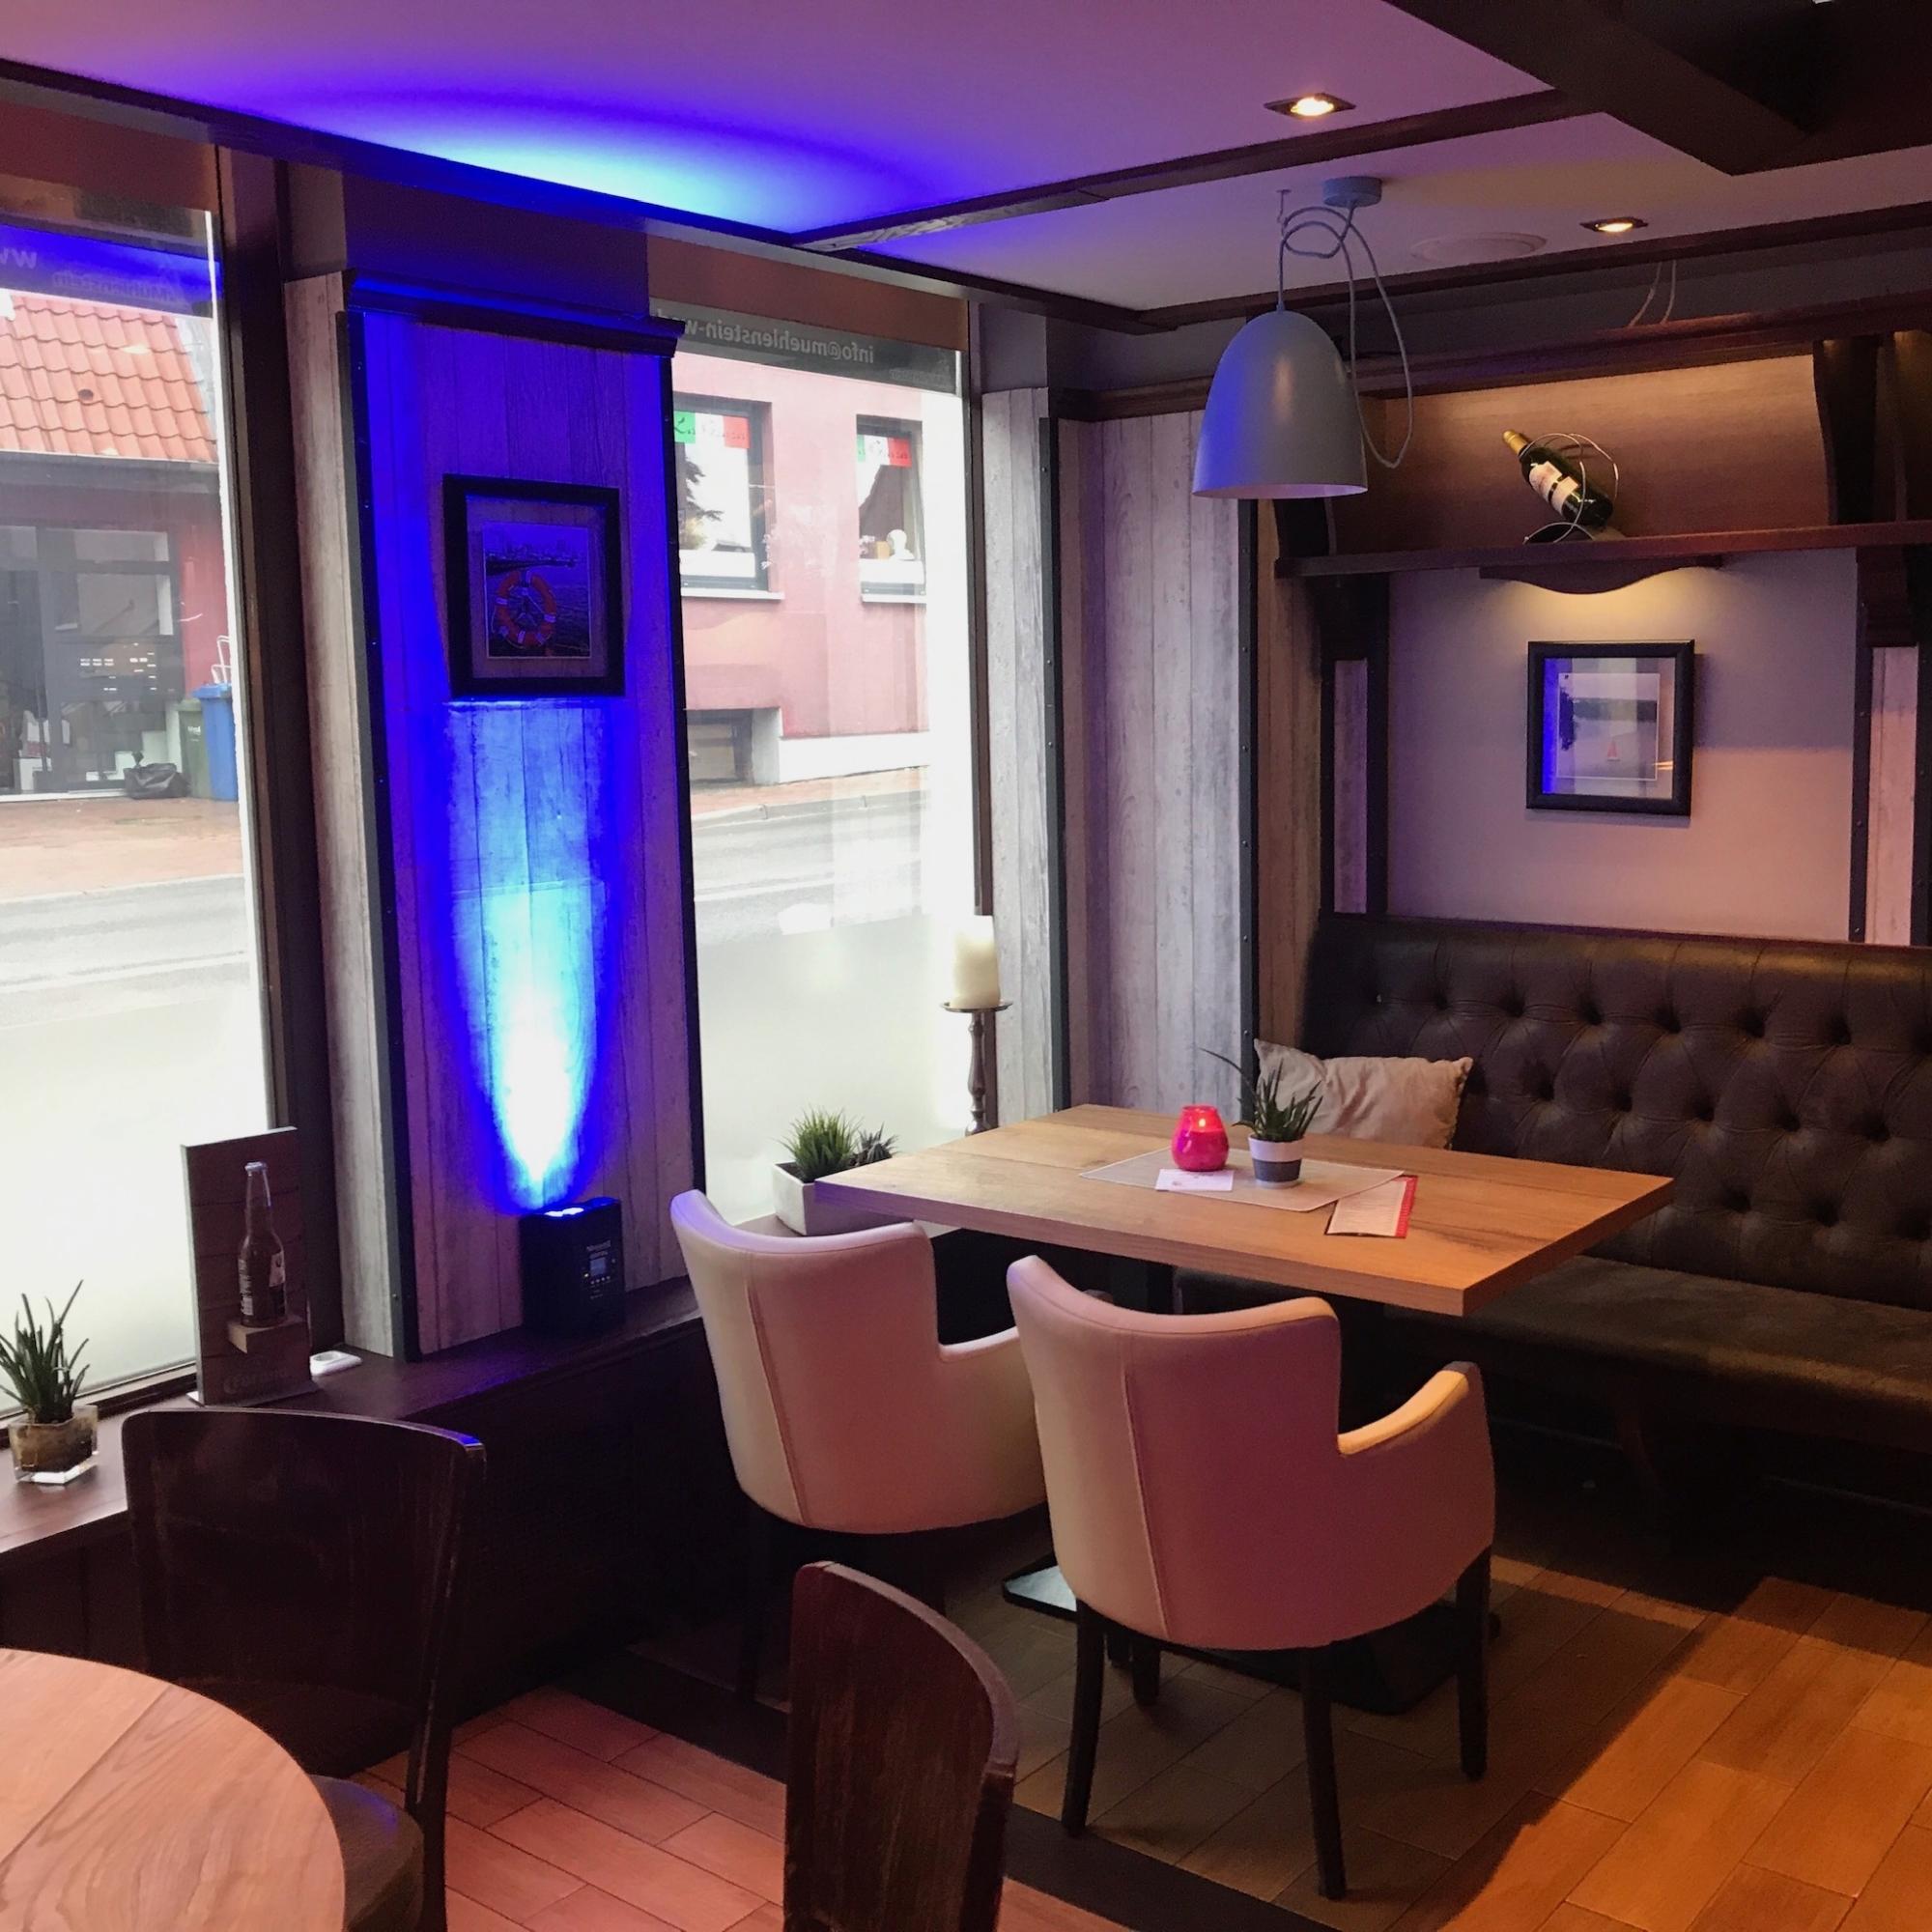 Restaurant-Wedel-Mühlenstein-Burger-Pizza-Brunch-Afterwork Sitzplatz Innenbereich